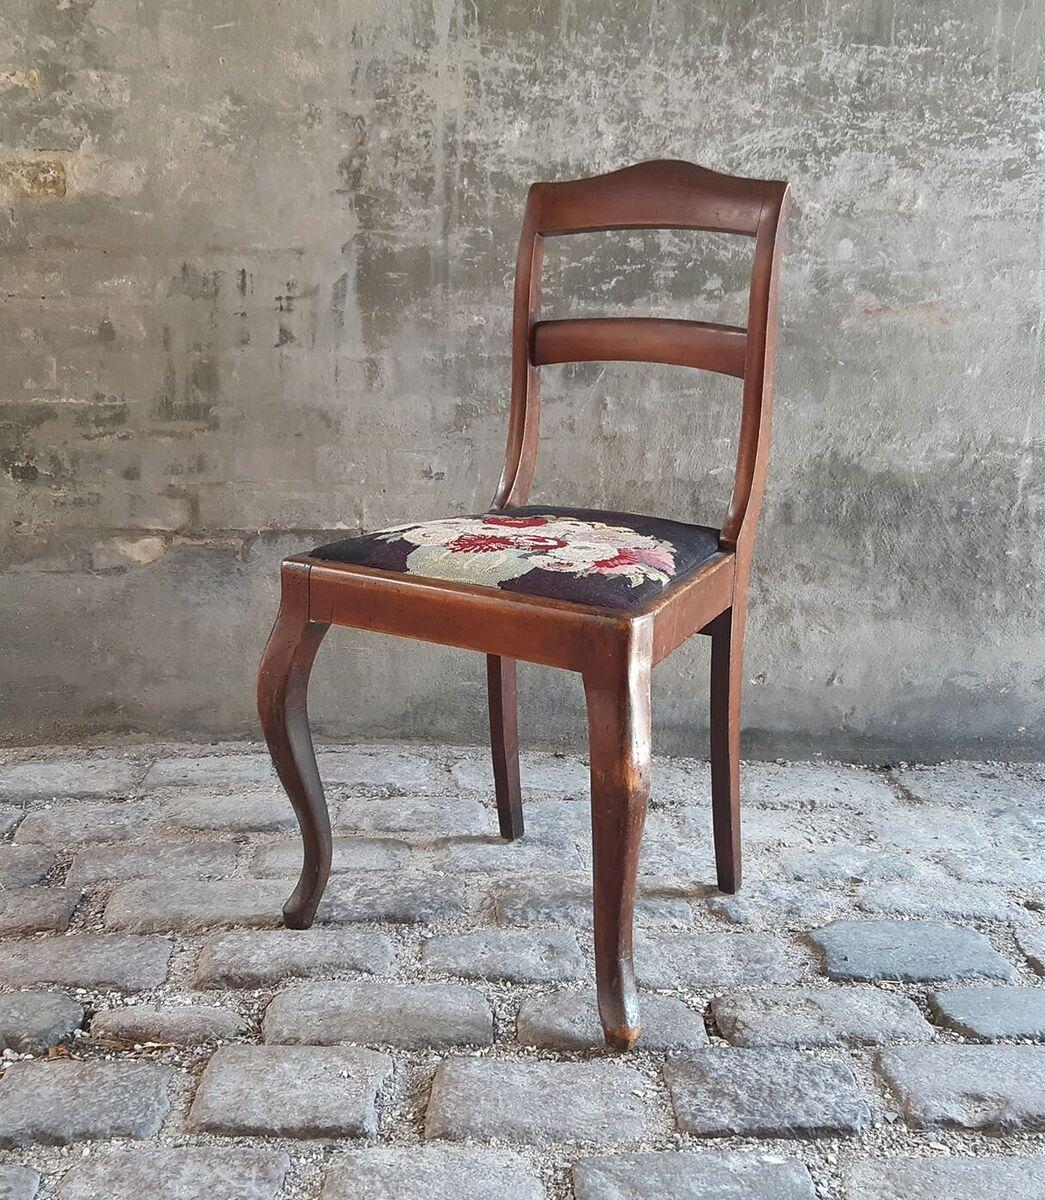 Spisebordsstol, Almuestol, træ og broderi, Antik mahogni